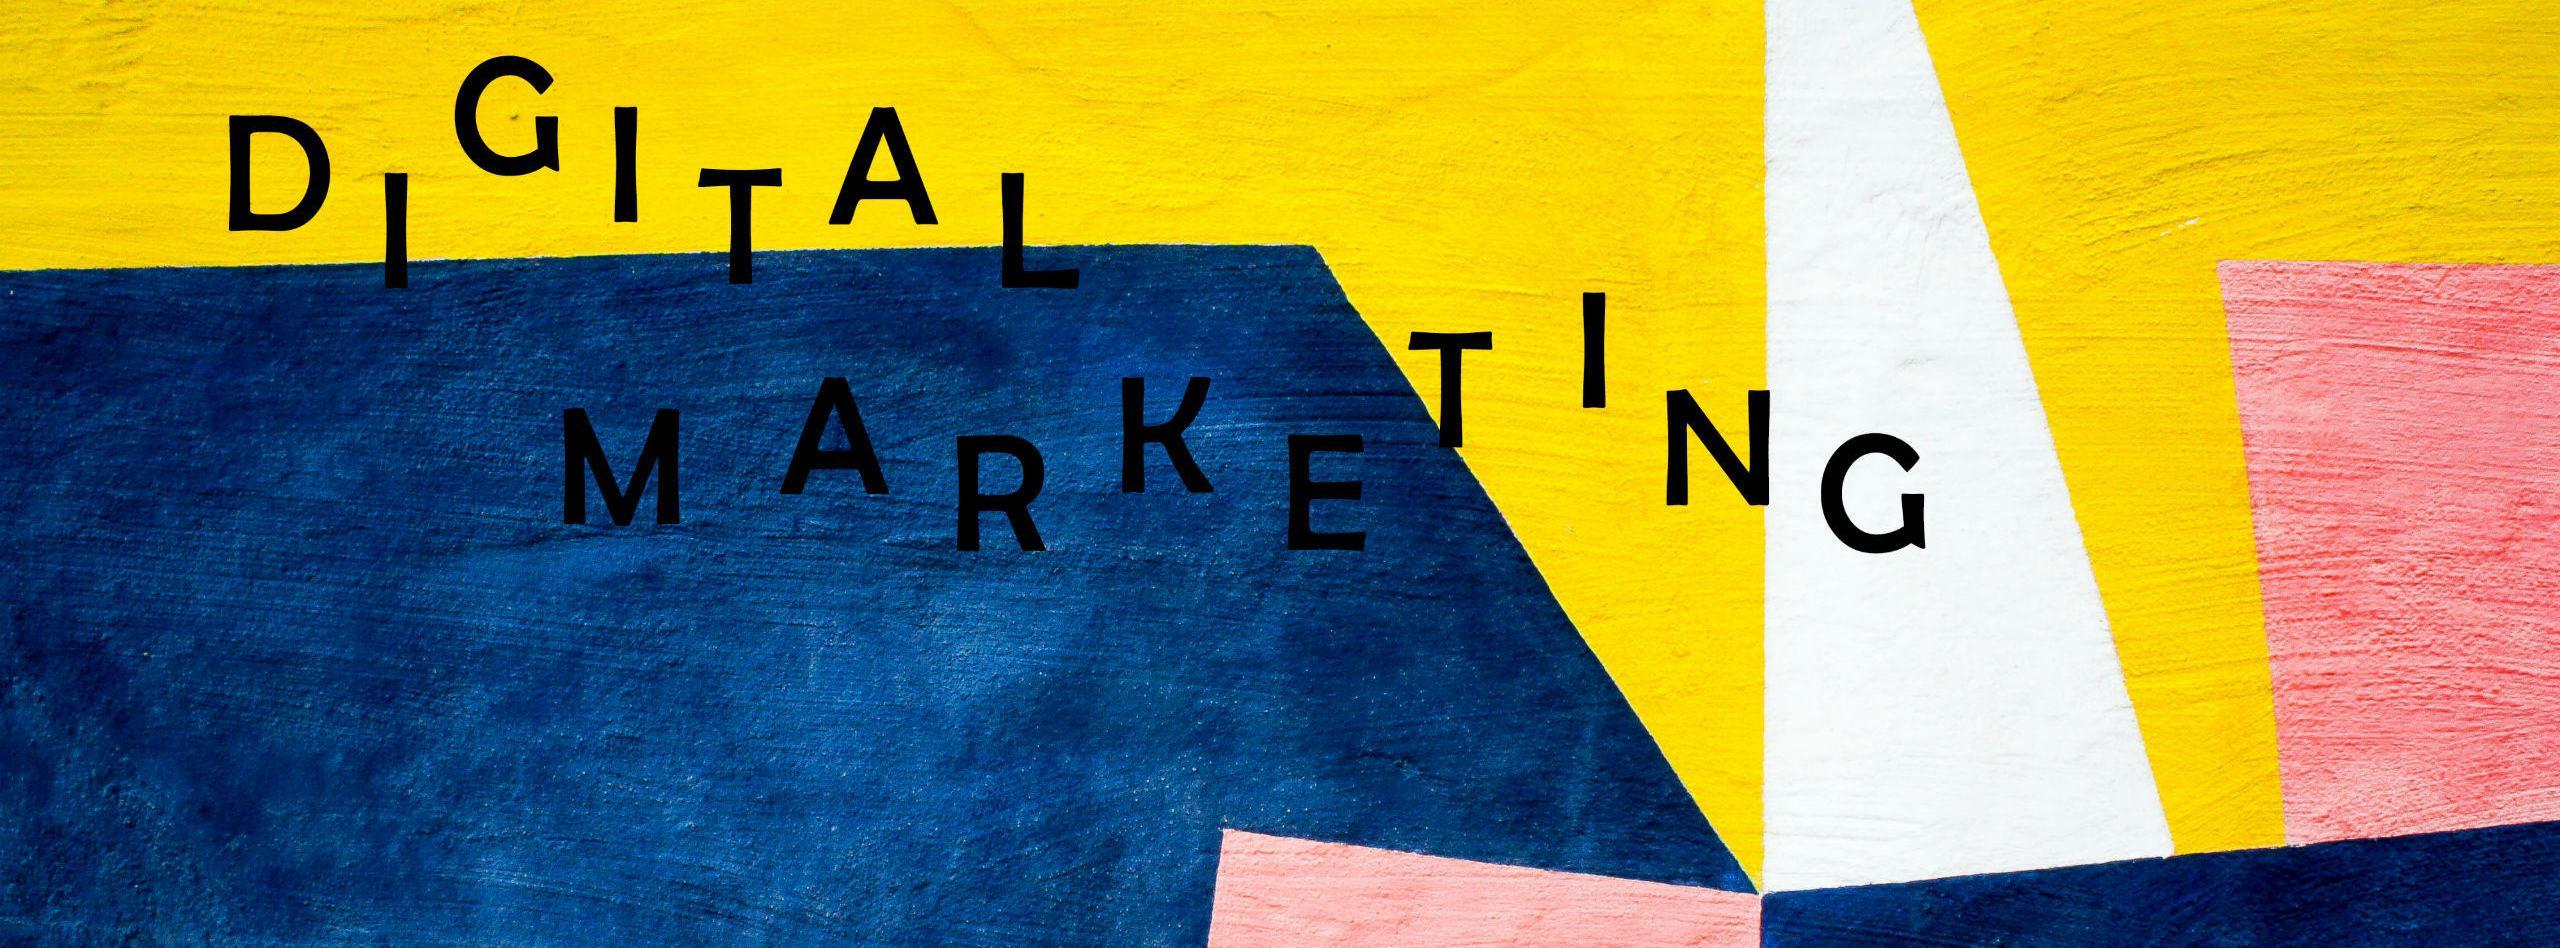 Як працювати у Digital-маркетингу й не облажатися: поради, лайфхаки та інсайти